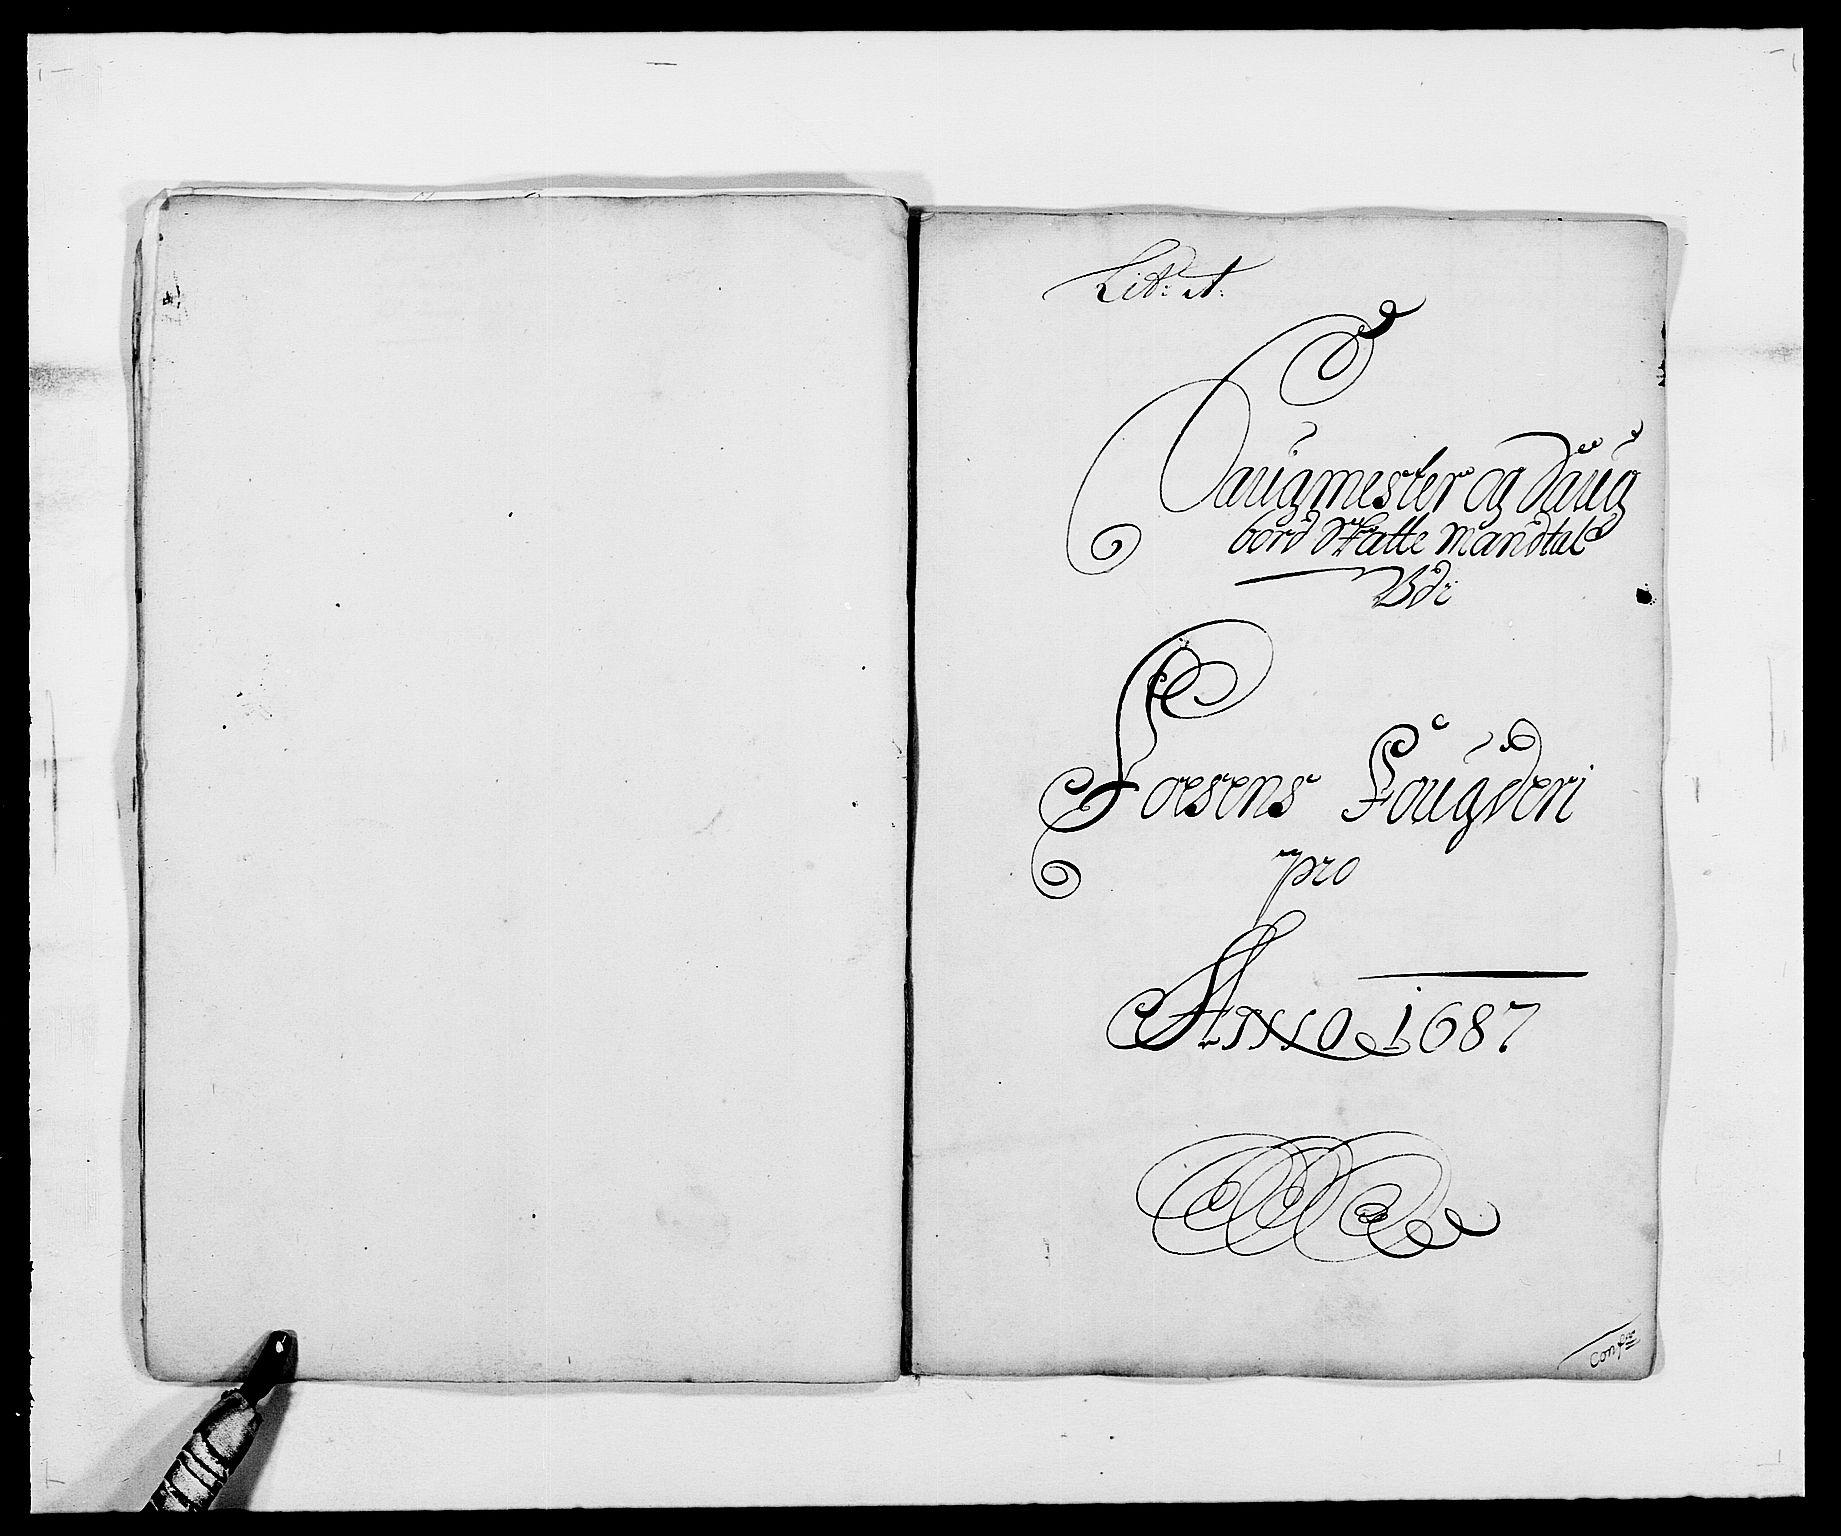 RA, Rentekammeret inntil 1814, Reviderte regnskaper, Fogderegnskap, R57/L3845: Fogderegnskap Fosen, 1687, s. 17